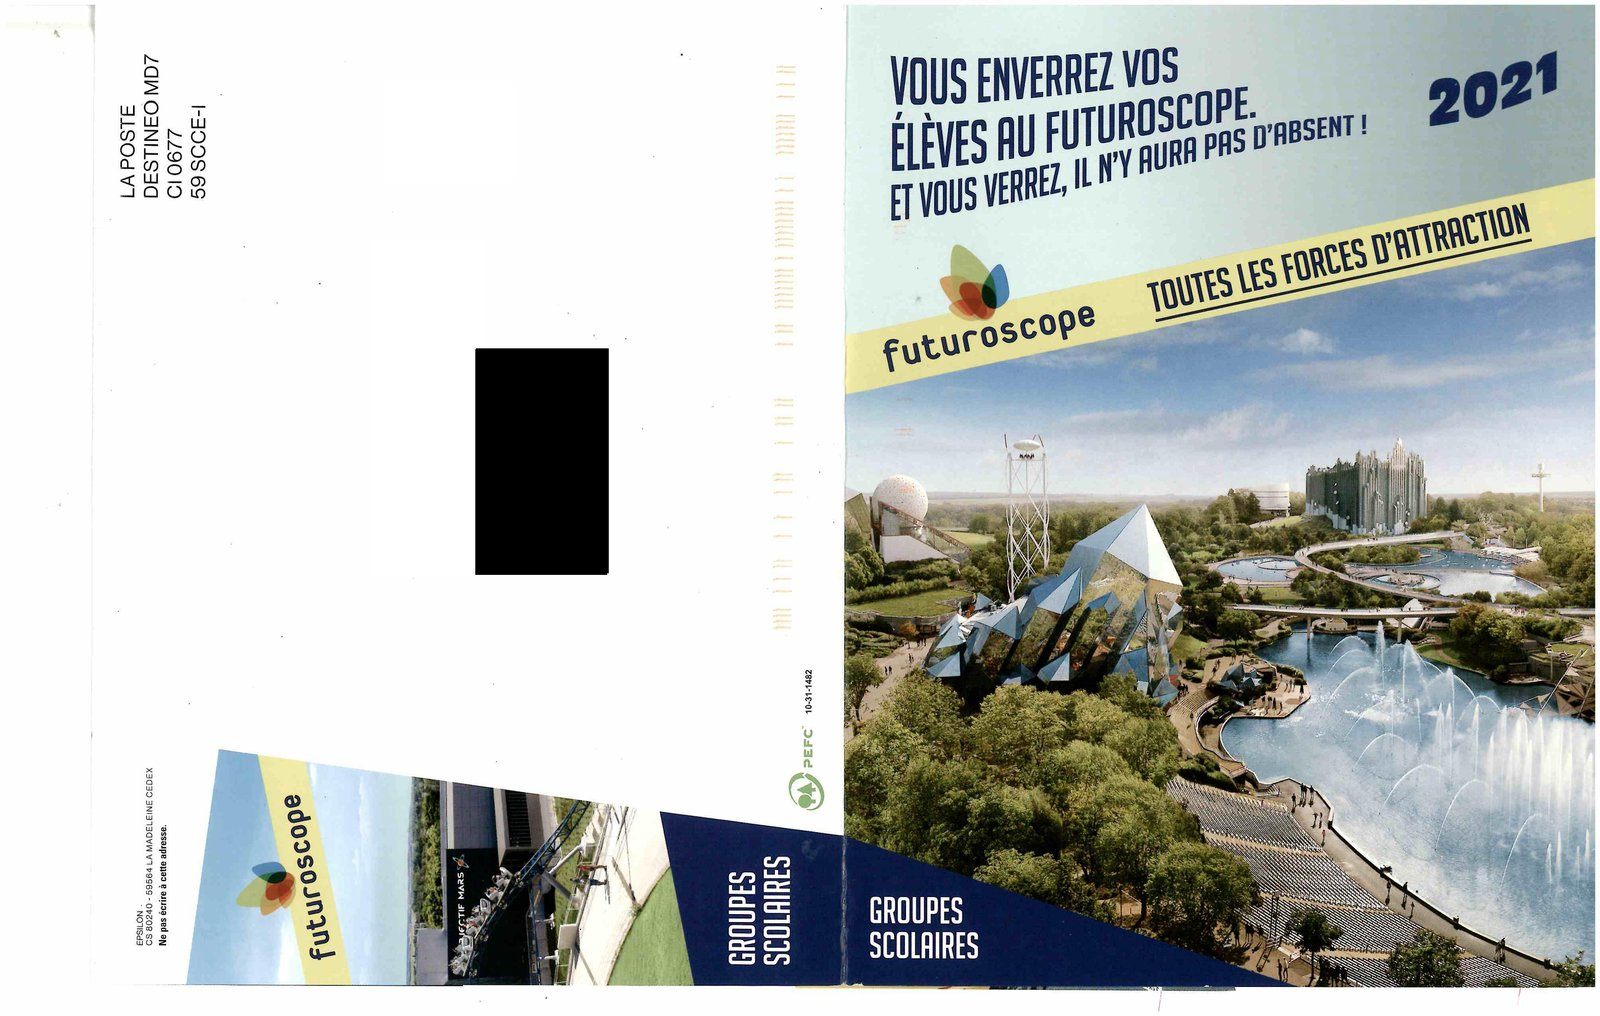 Publicité / campagnes d'affichage urbain - Page 5 200901081655805429